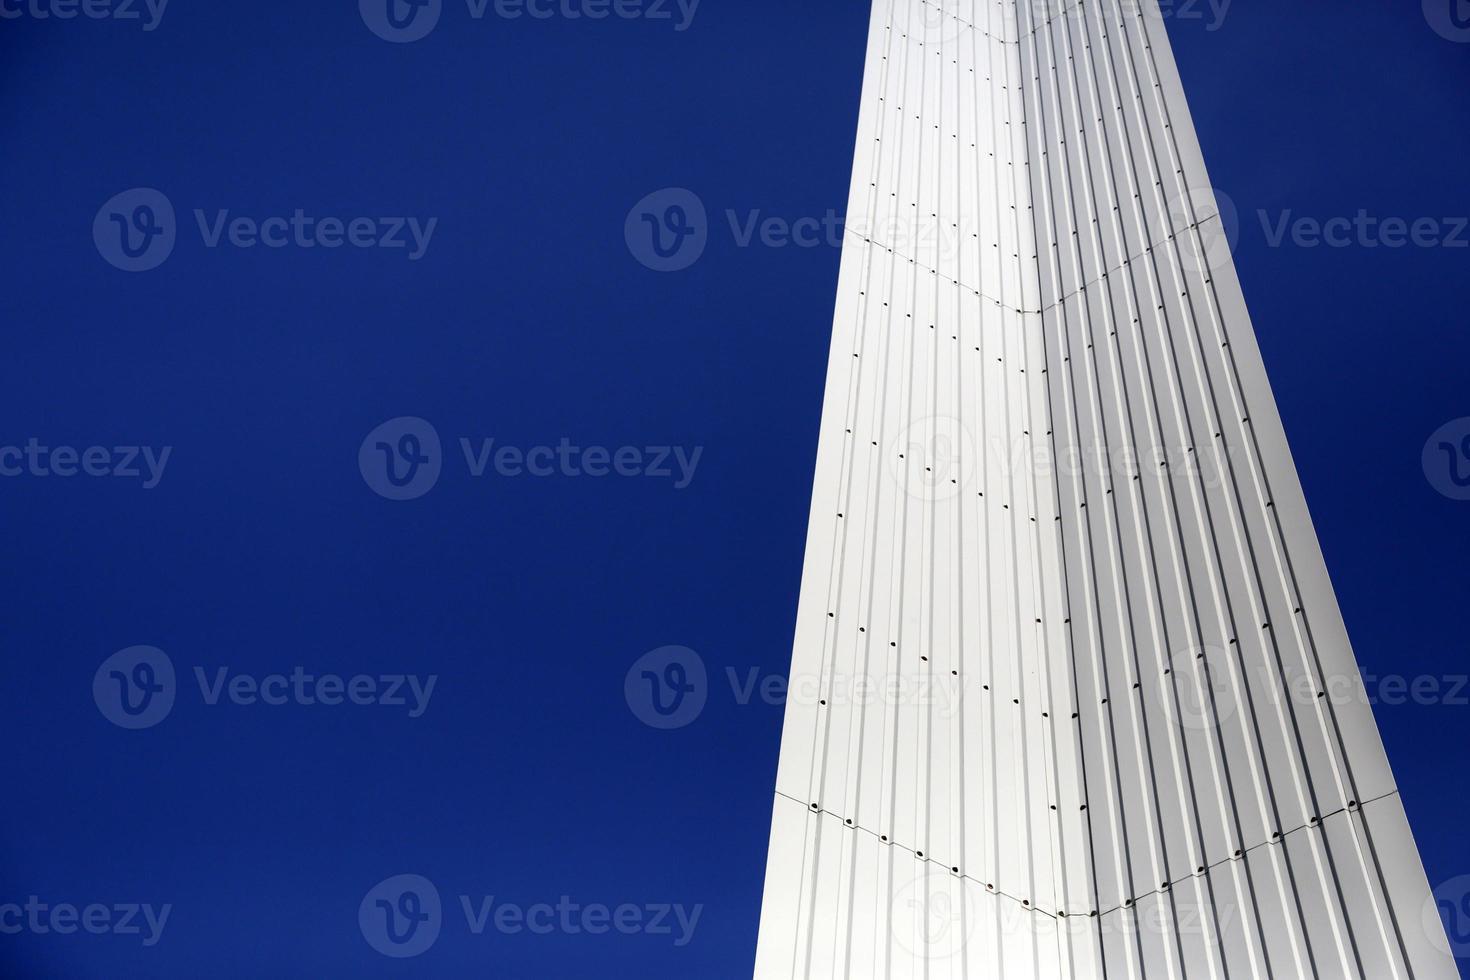 geometría moderna de metal con espacio de copia de cielo azul foto